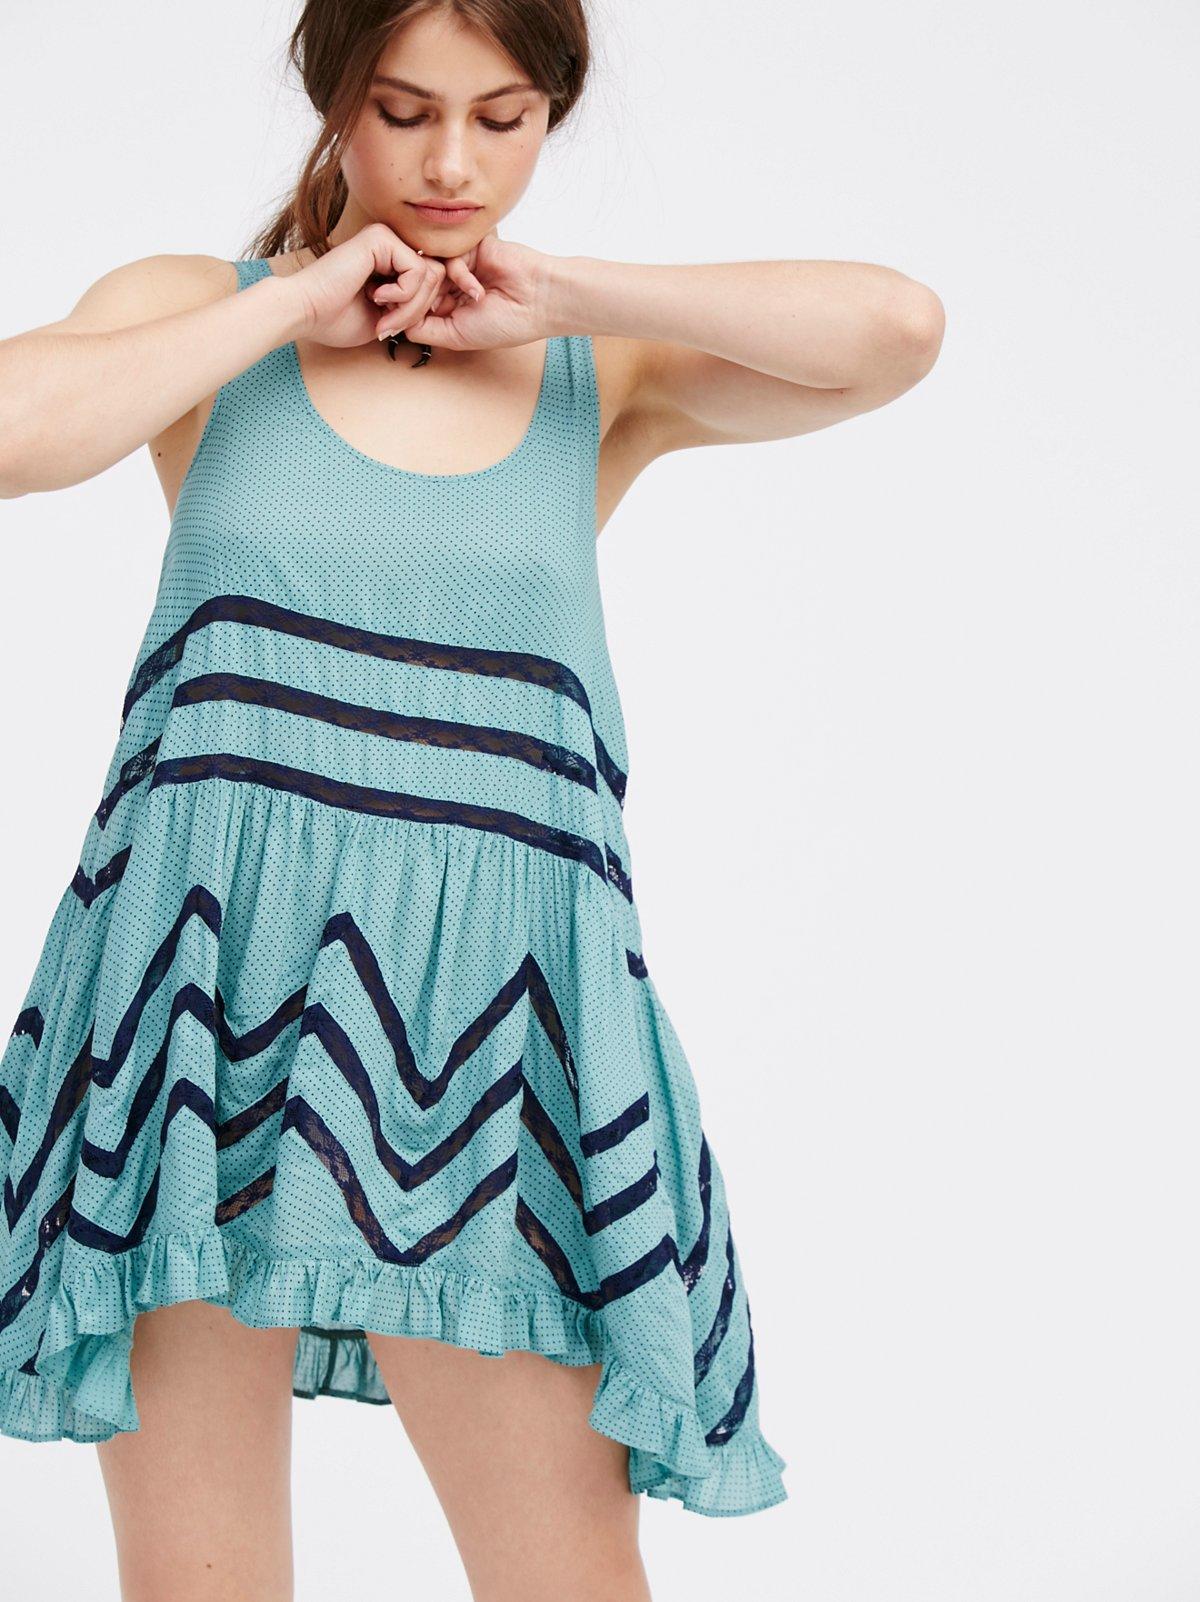 薄纱和蕾丝宽松Trazpeze吊带衬裙